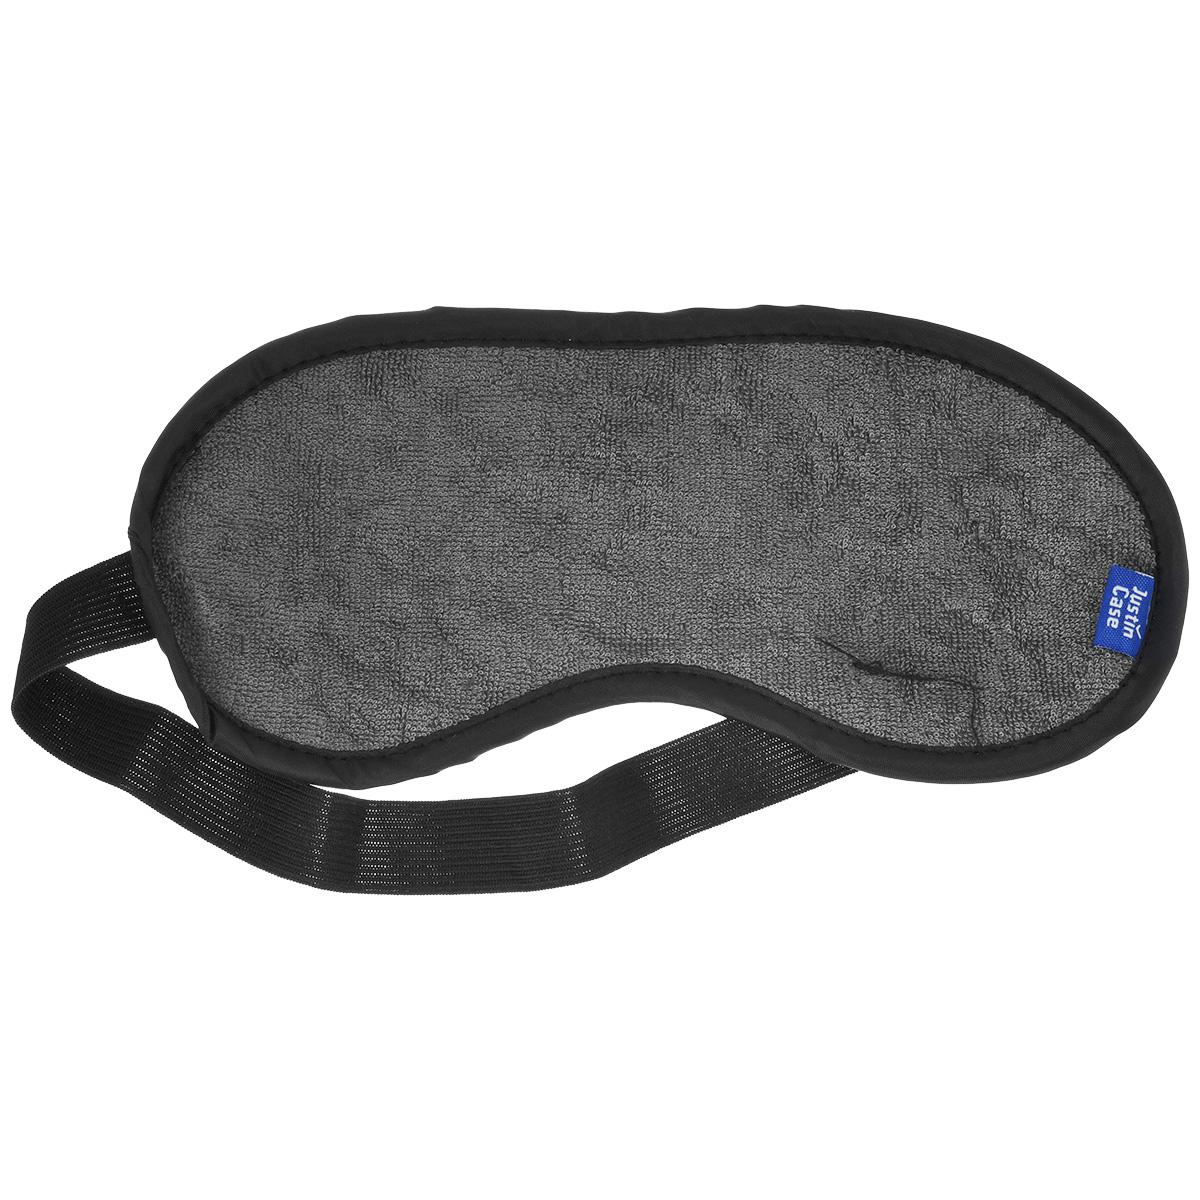 Маска для сна JustinCase, цвет: серый, черныйE5112GМаска для сна JustinCase надежно защитит ваш крепкий сон, а ее приятная текстура обеспечит максимальный комфорт. Благодаря резинке маска имеет универсальный размер. Спите с комфортом, где бы вы ни были!Размер рабочей части: 21,5 см х 9 см.